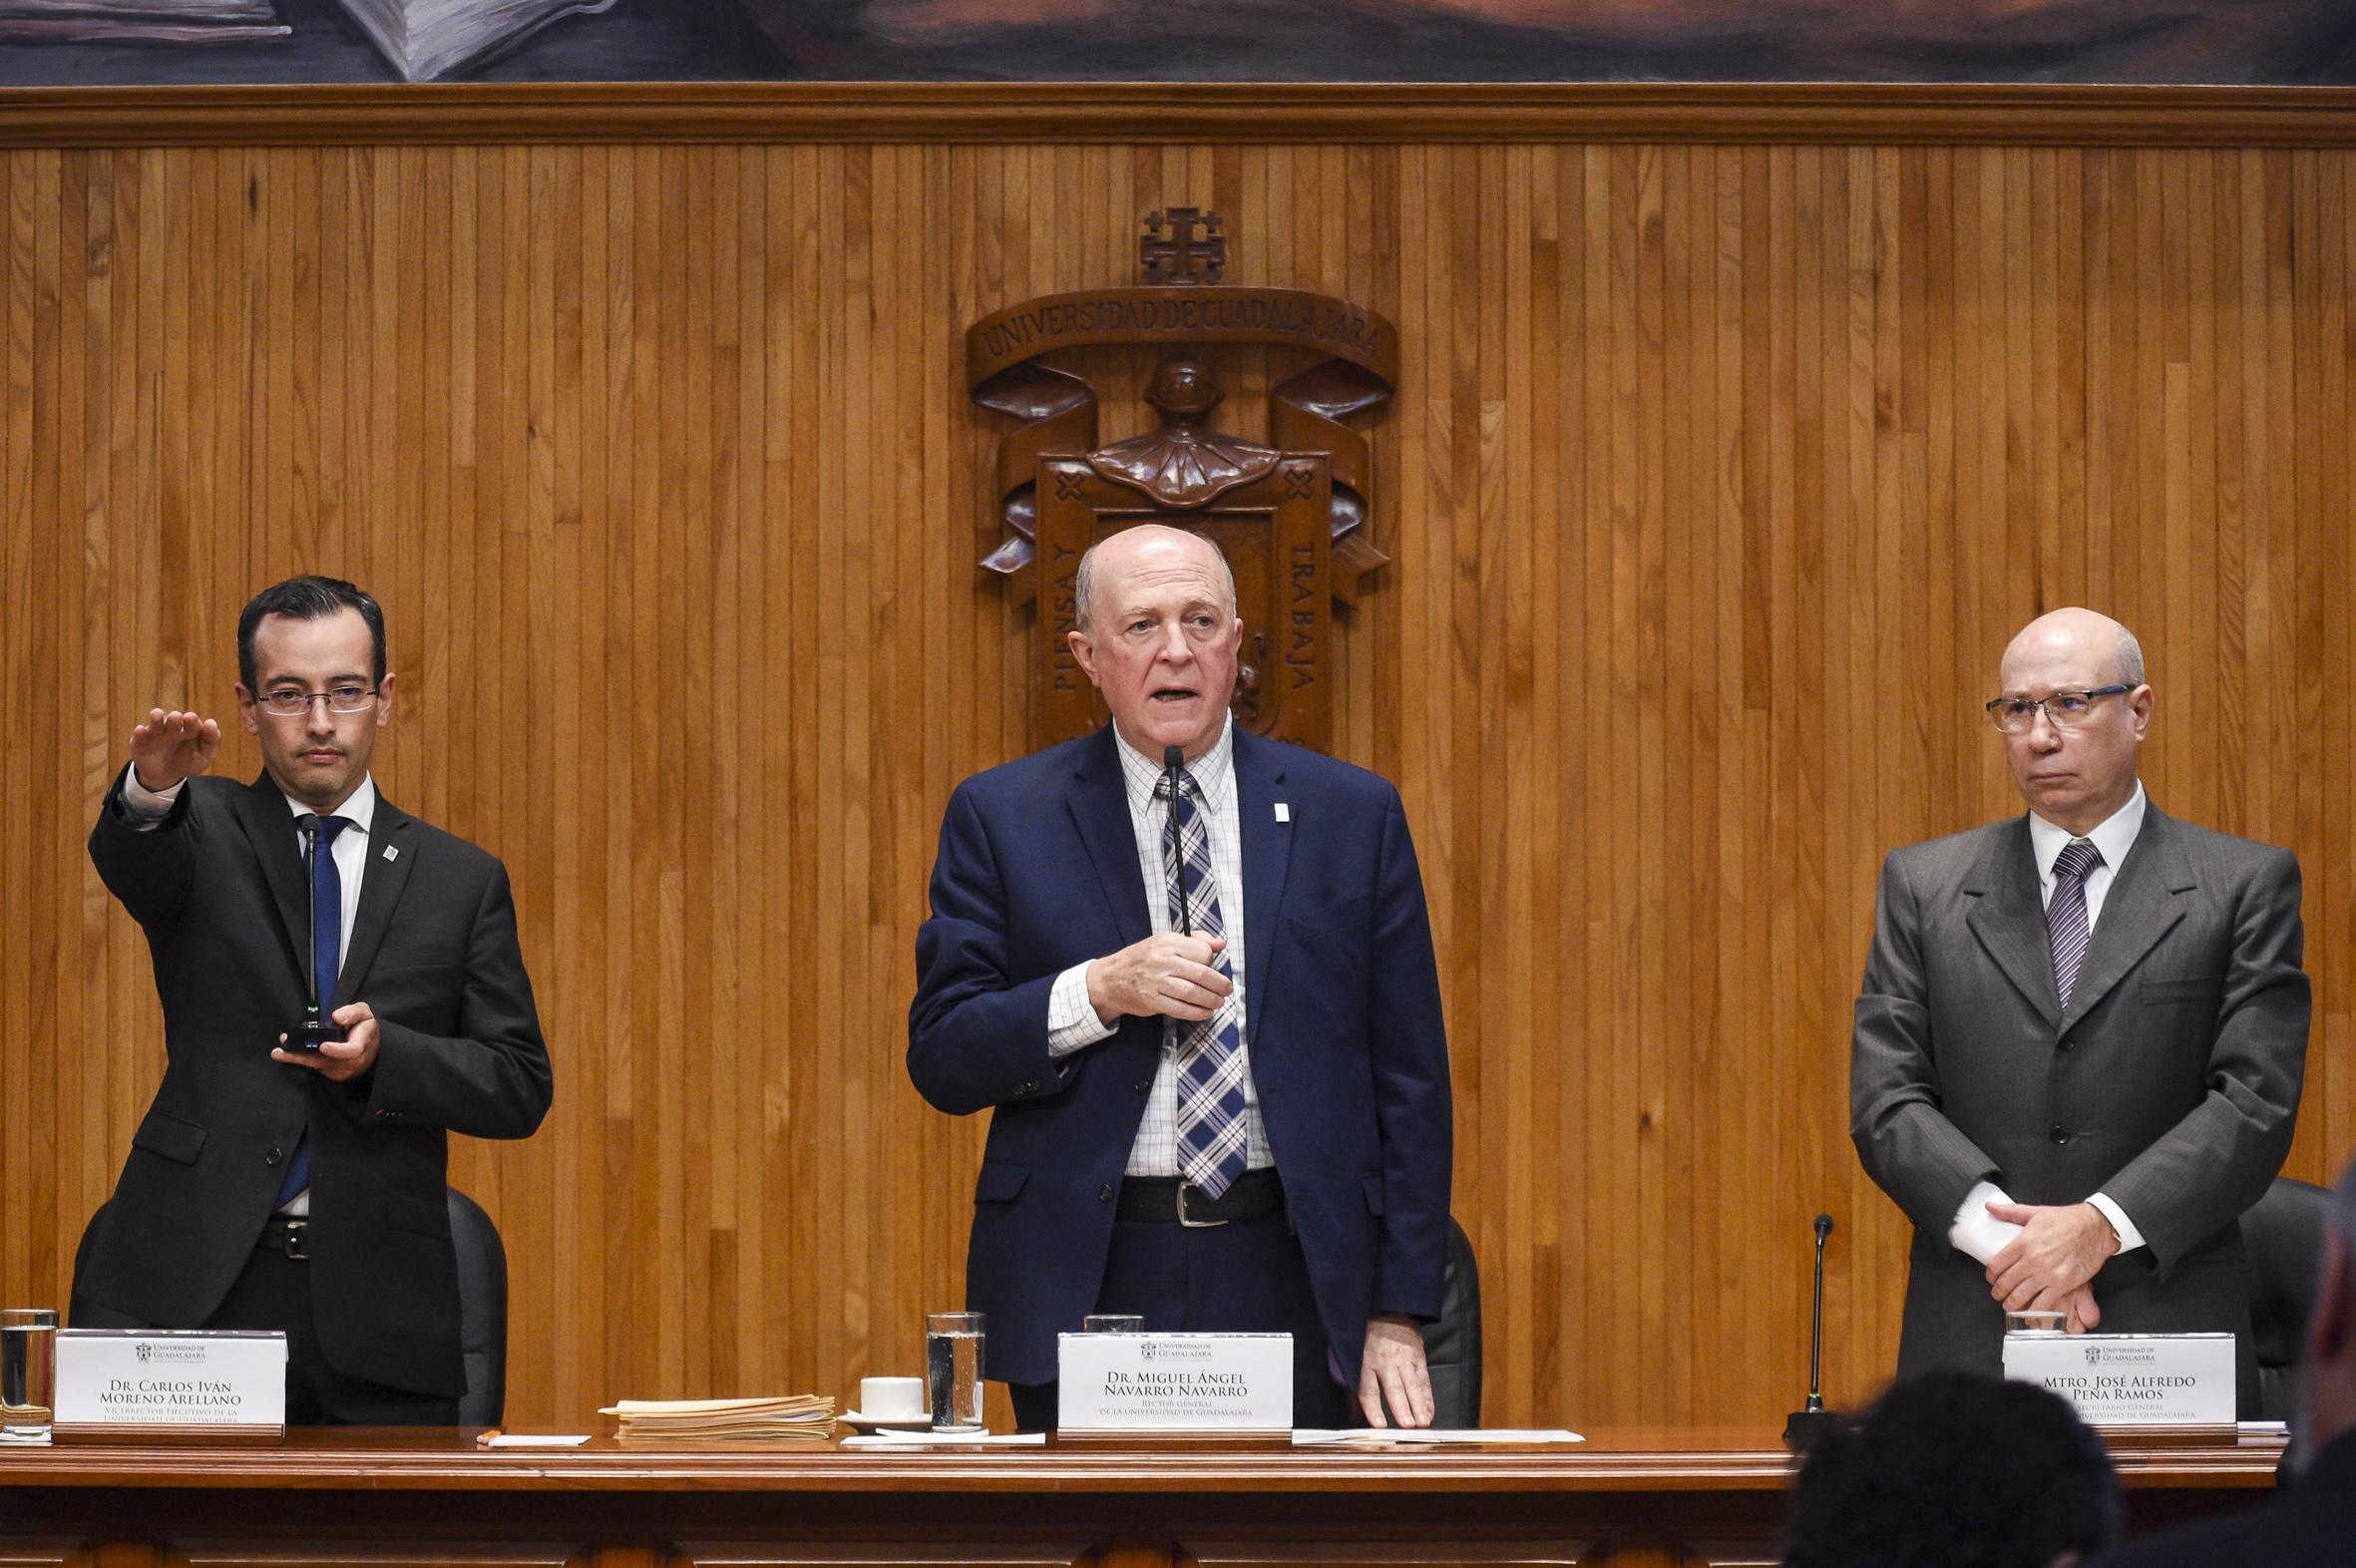 Toma de protesta al nuevo Vicerrector Ejecutivo de la Casa de Estudio, doctor Carlos Iván Moreno Arellano